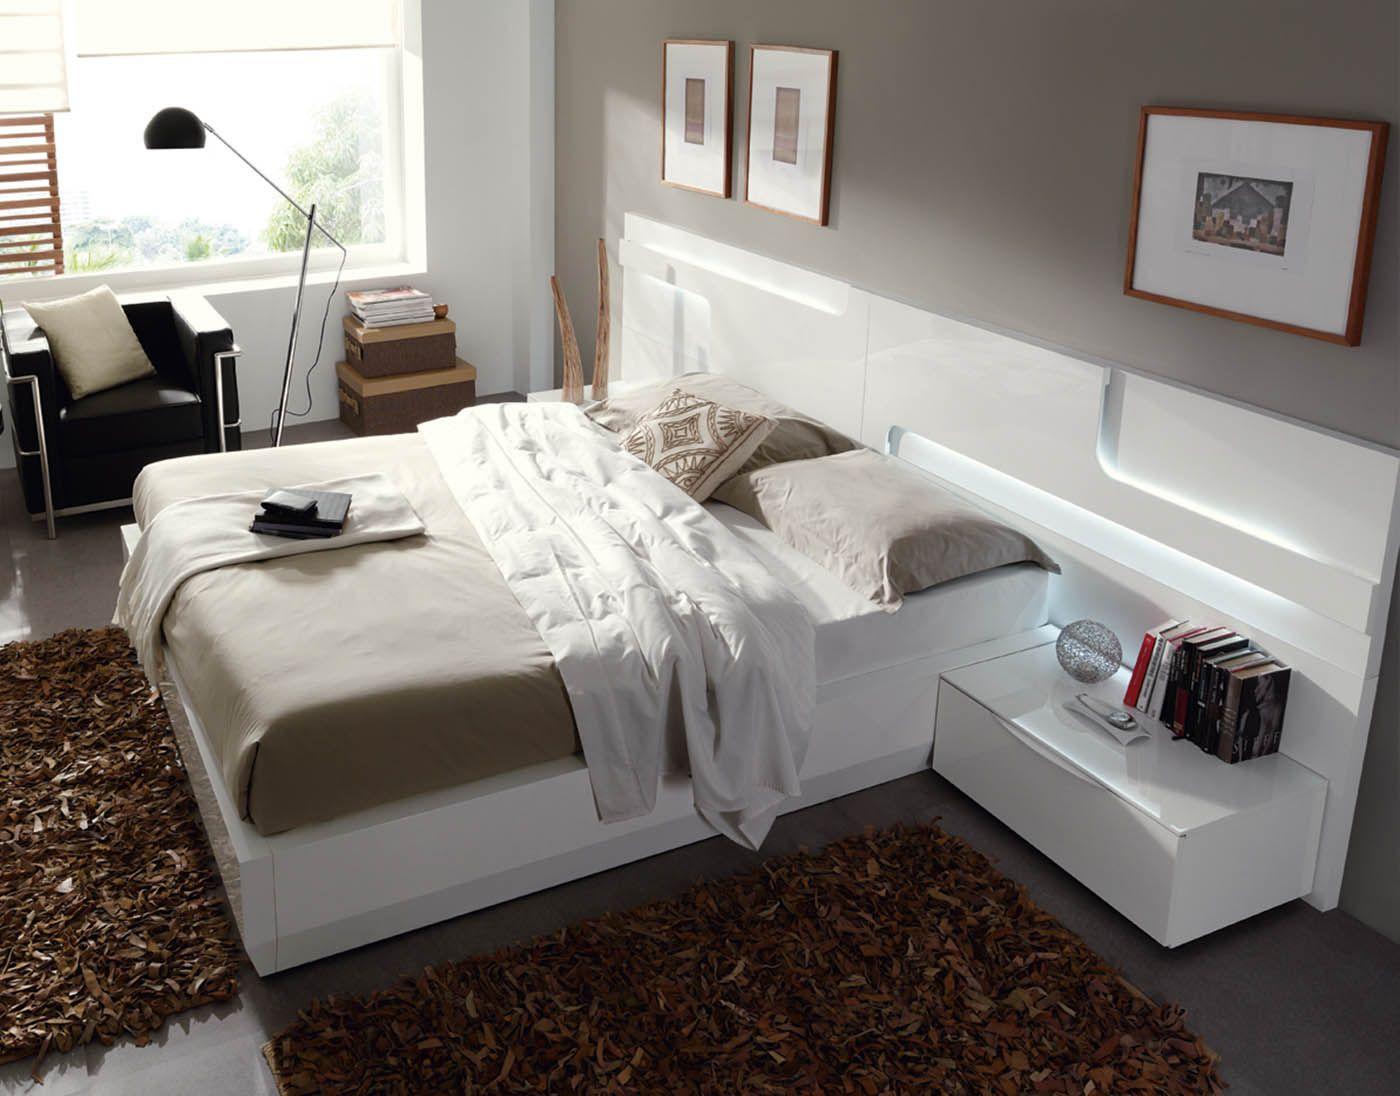 C mo decorar el dormitorio principal ja constructores - Decorar habitacion principal ...